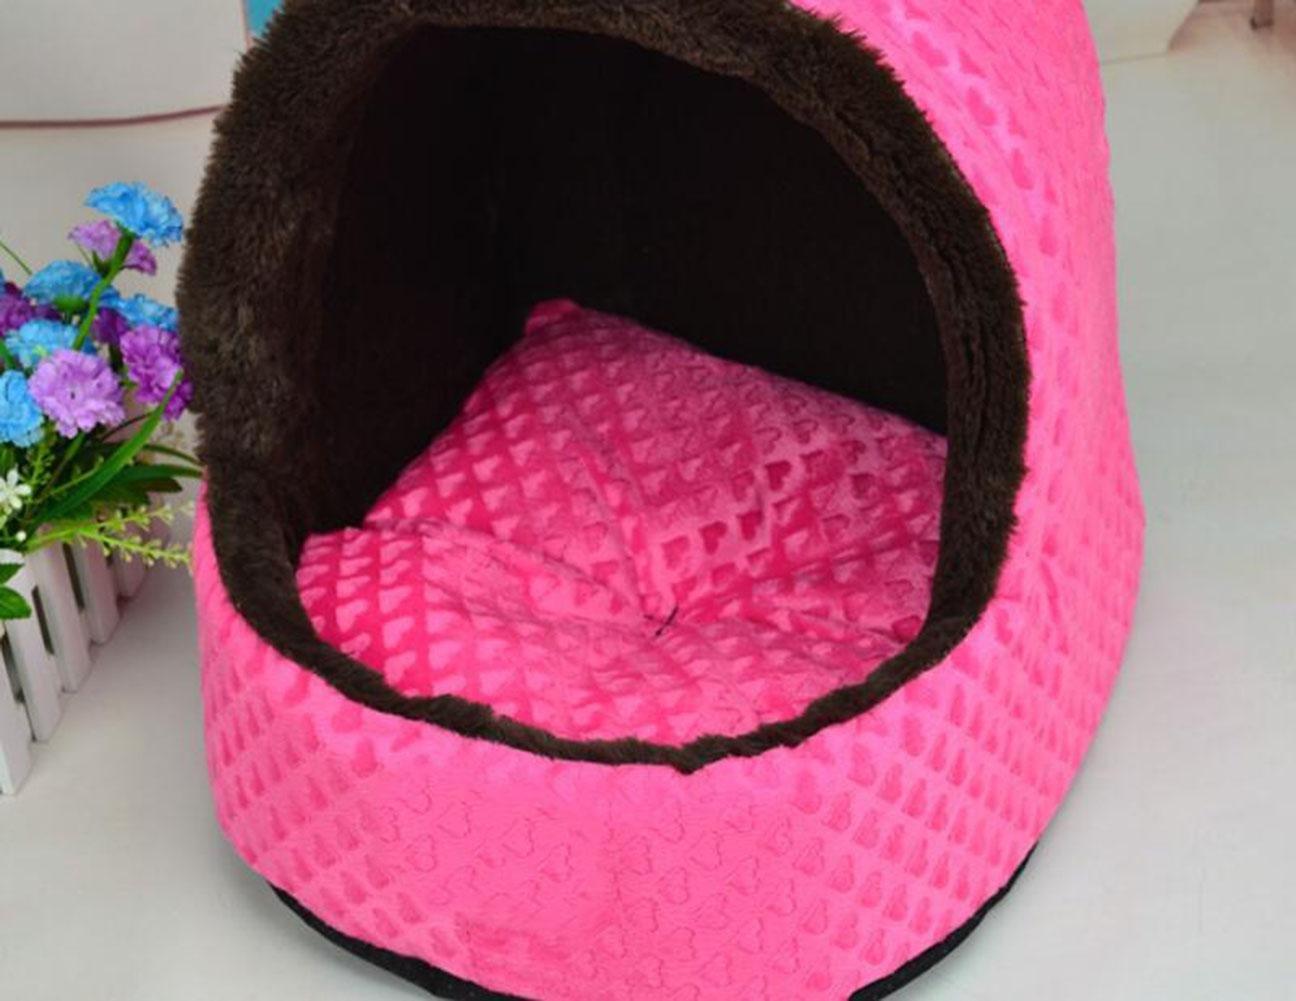 CHWWO Cucciolo del cane del cane del cucciolo dell'animale domestico Cuscino dell'animale domestico del gatto della nave dell'orso della peluche Caldo pieghevole molle, rosa